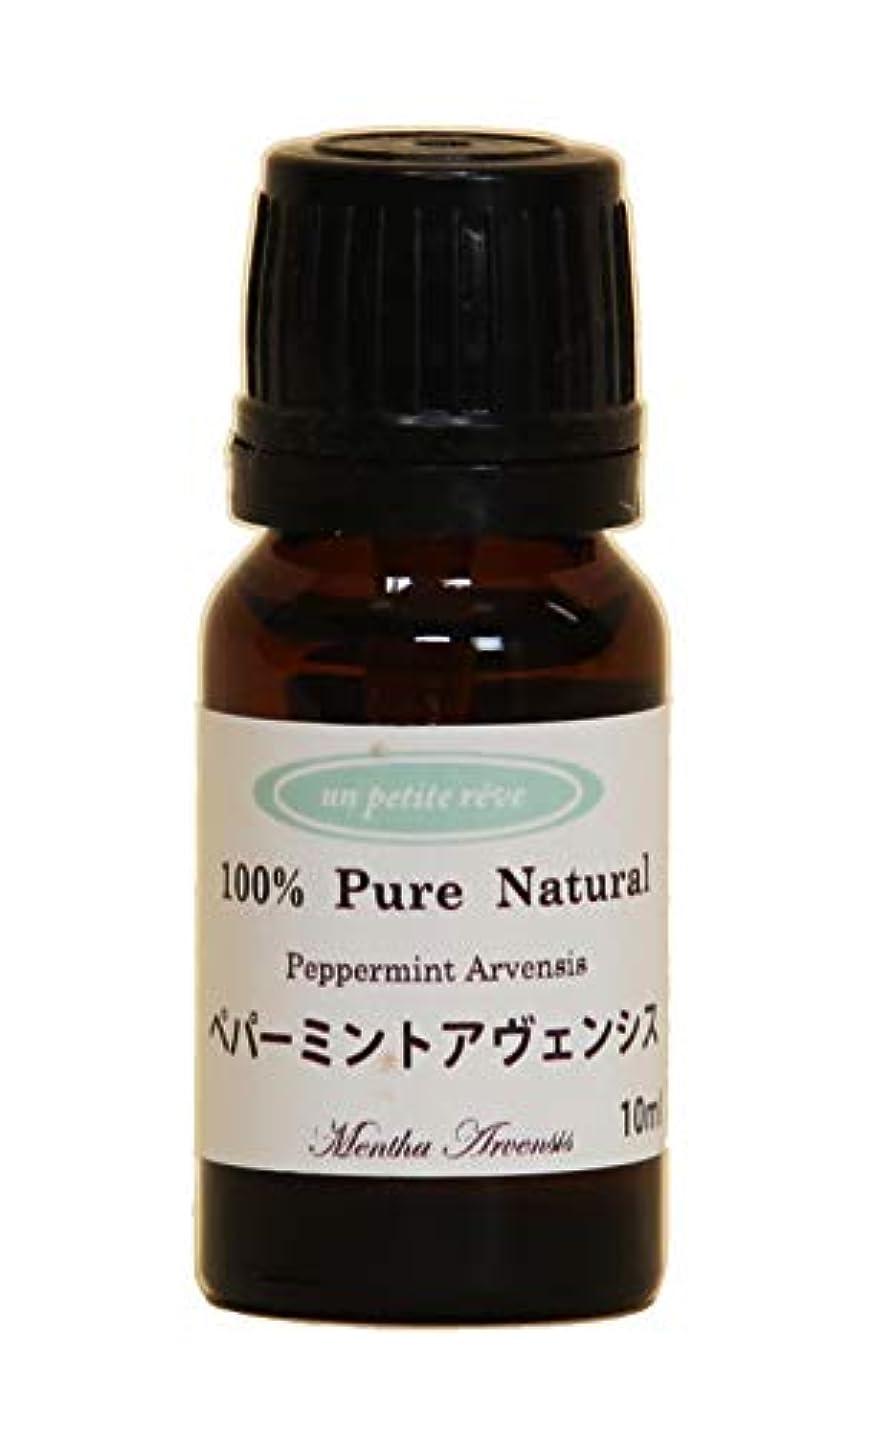 鍔分散許可するペパーミントアヴェンシス(コーンミント) 10ml 100%天然アロマエッセンシャルオイル(精油)